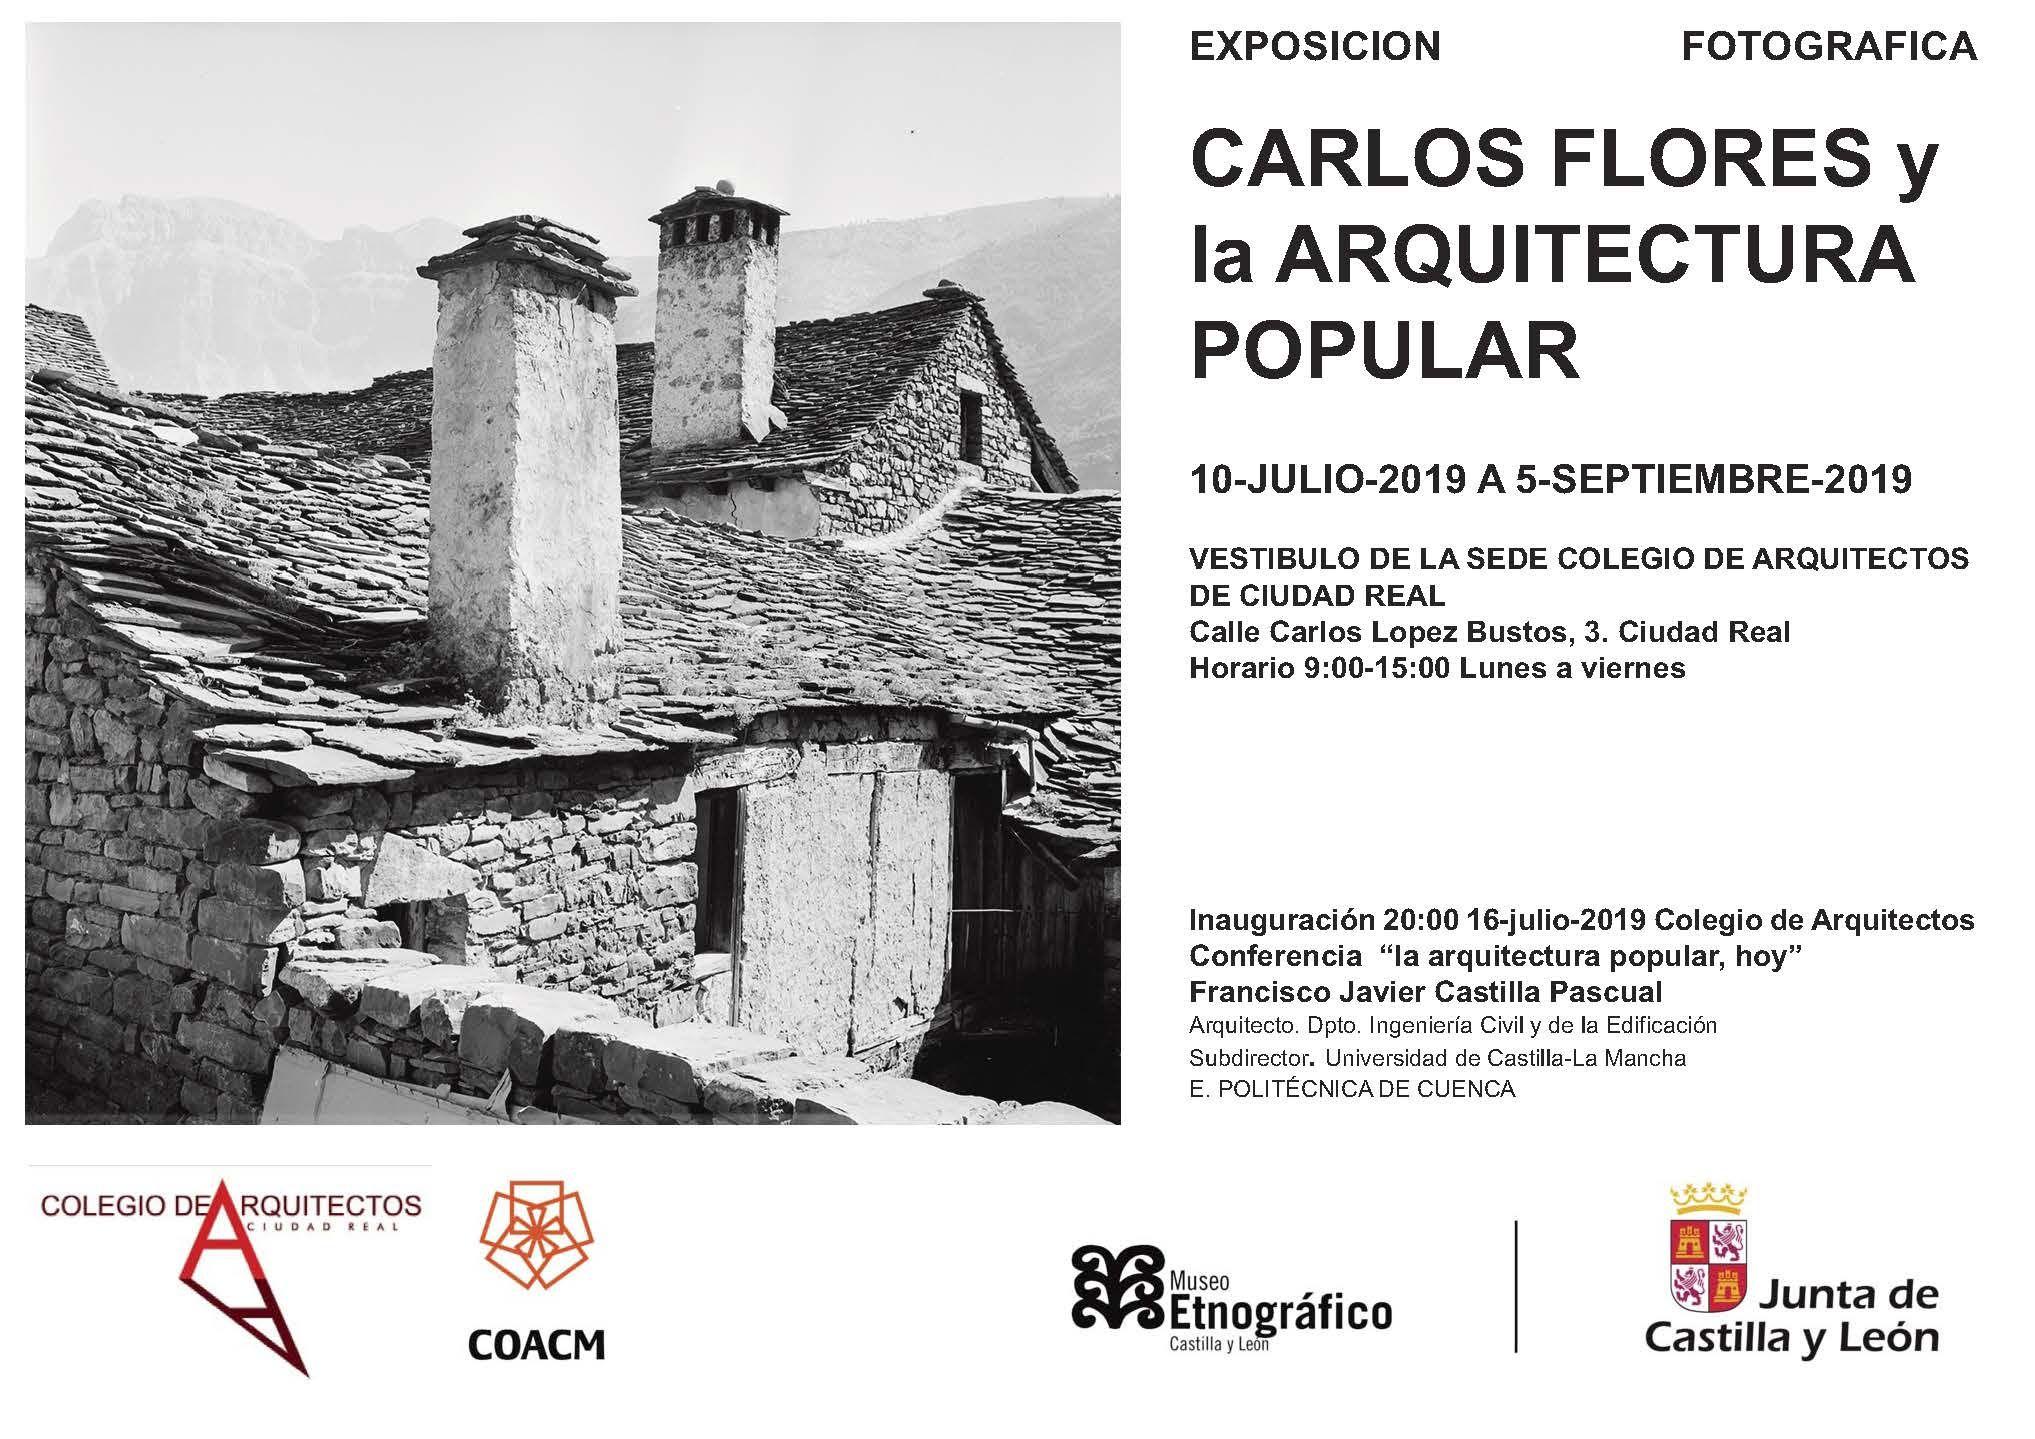 'Carlos Flores y la Arquitectura Popular', hasta septiembre, en el Colegio de Arquitectos de Ciudad Real